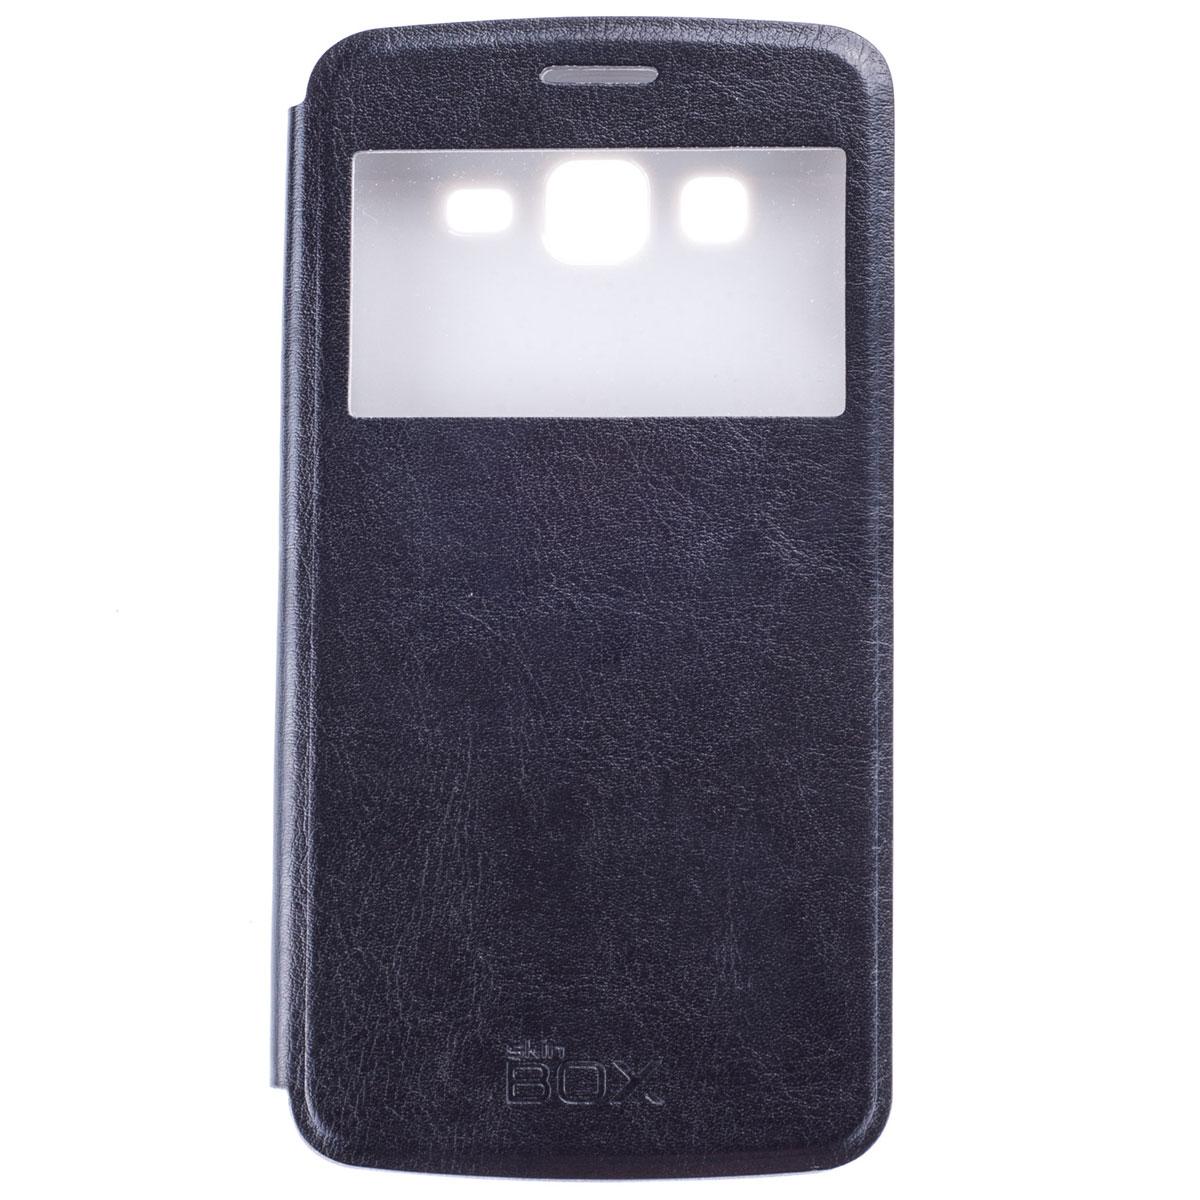 Skinbox Lux AW чехол для Samsung Galaxy Grand 2 Duos, BlackT-S-SG7102-004Чехол Skinbox Lux AW выполнен из высококачественного поликарбоната и экокожи. Он обеспечивает надежную защиту корпуса и экрана смартфона и надолго сохраняет его привлекательный внешний вид. Чехол также обеспечивает свободный доступ ко всем разъемам и клавишам устройства.